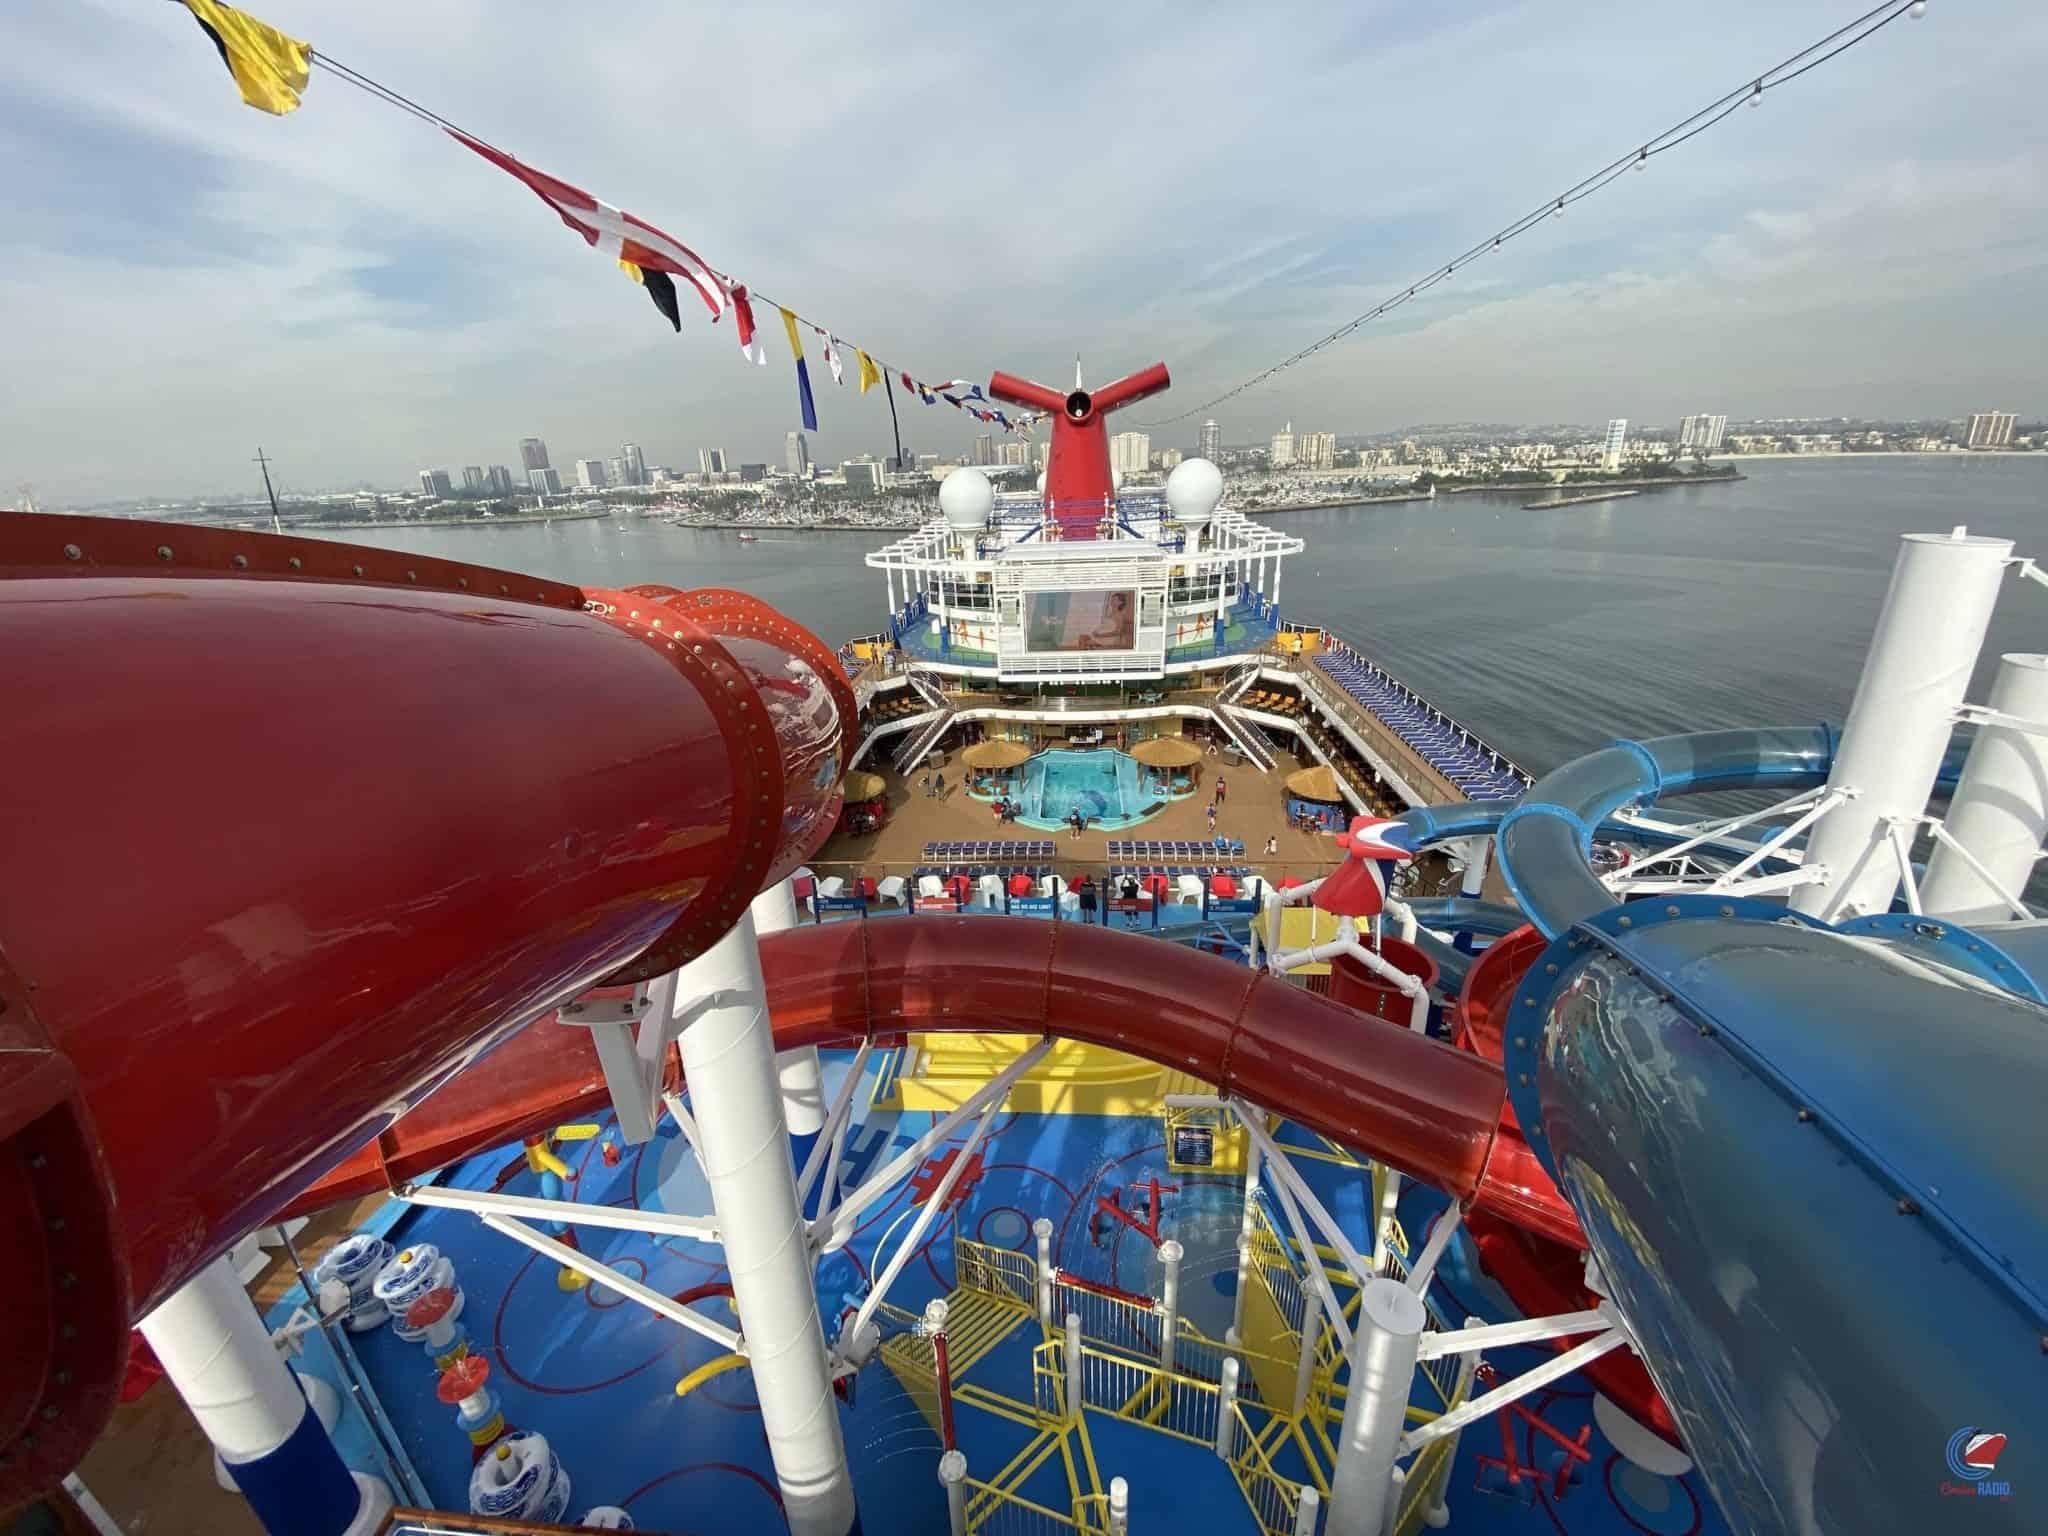 Carnival Panorama Long Beach